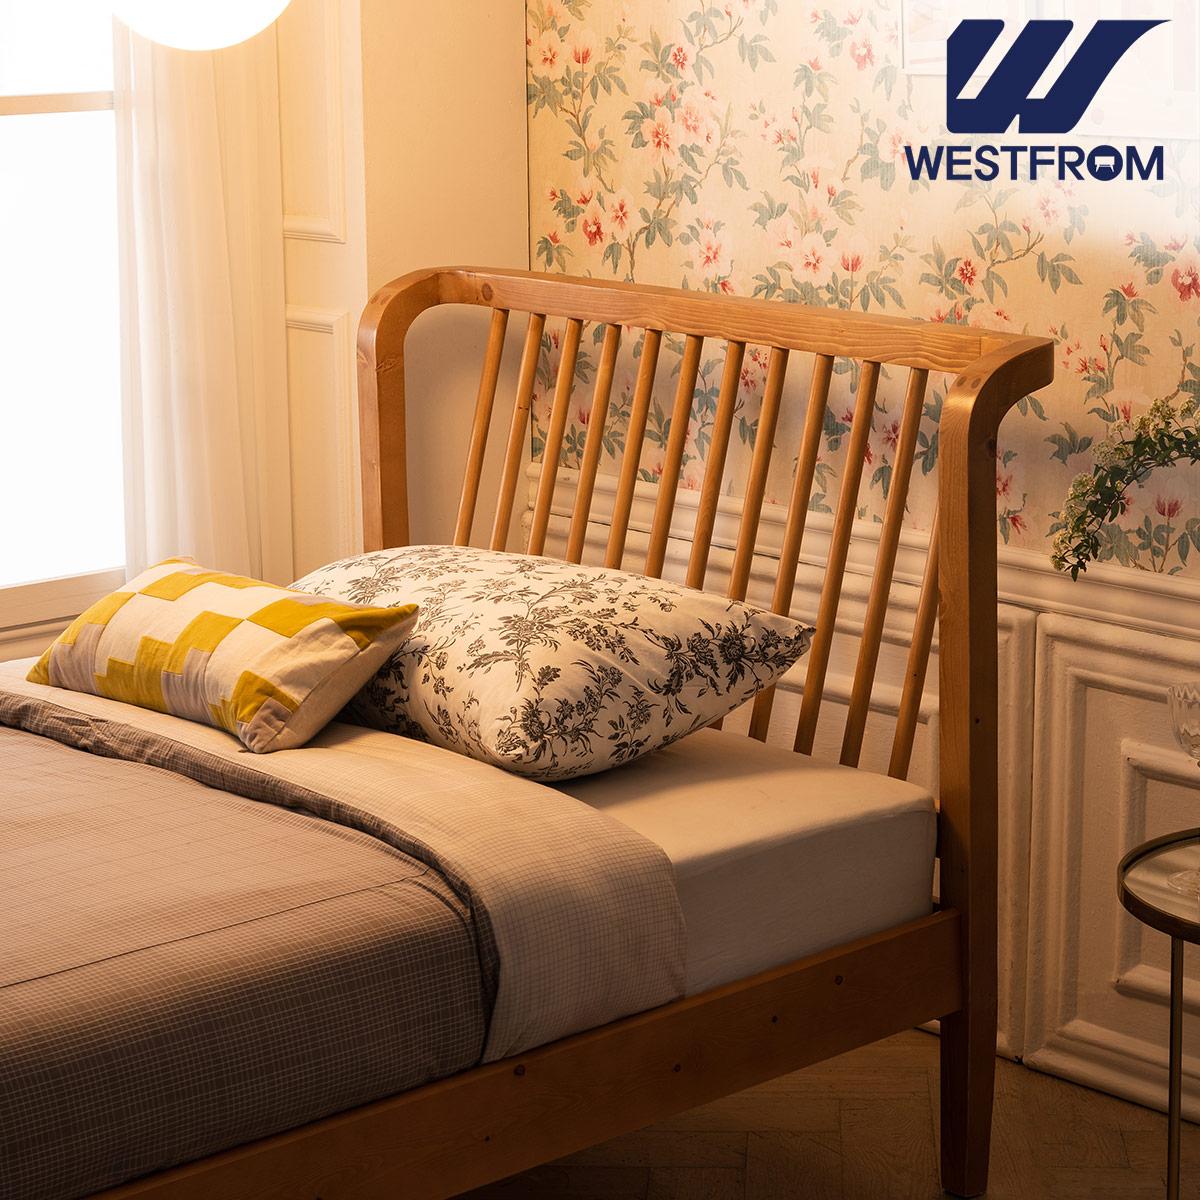 [웨스트프롬] 모던 NEW잉그리드) 원목 평상형 침대(SS) / F17 SS 매트리스